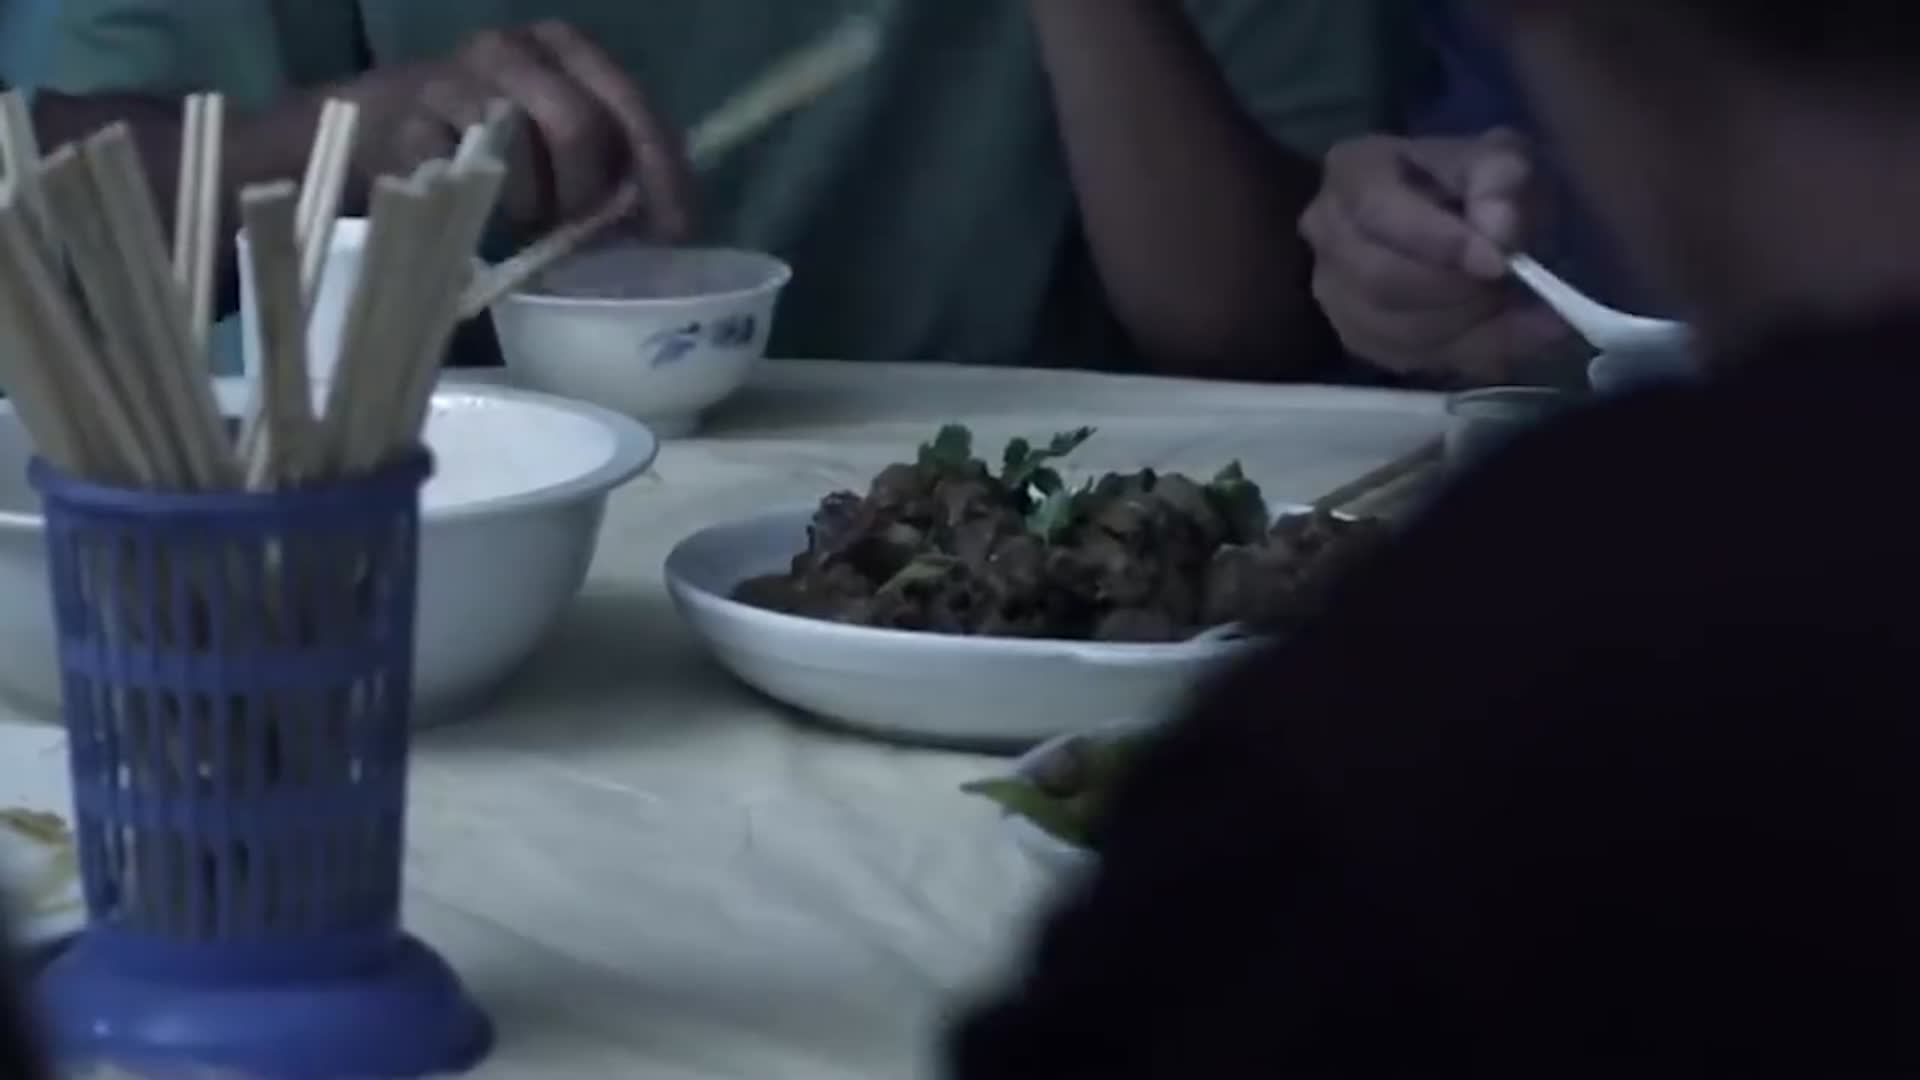 10个农民工下馆子,竟只点了2个菜,老板娘:跑老娘这占便宜